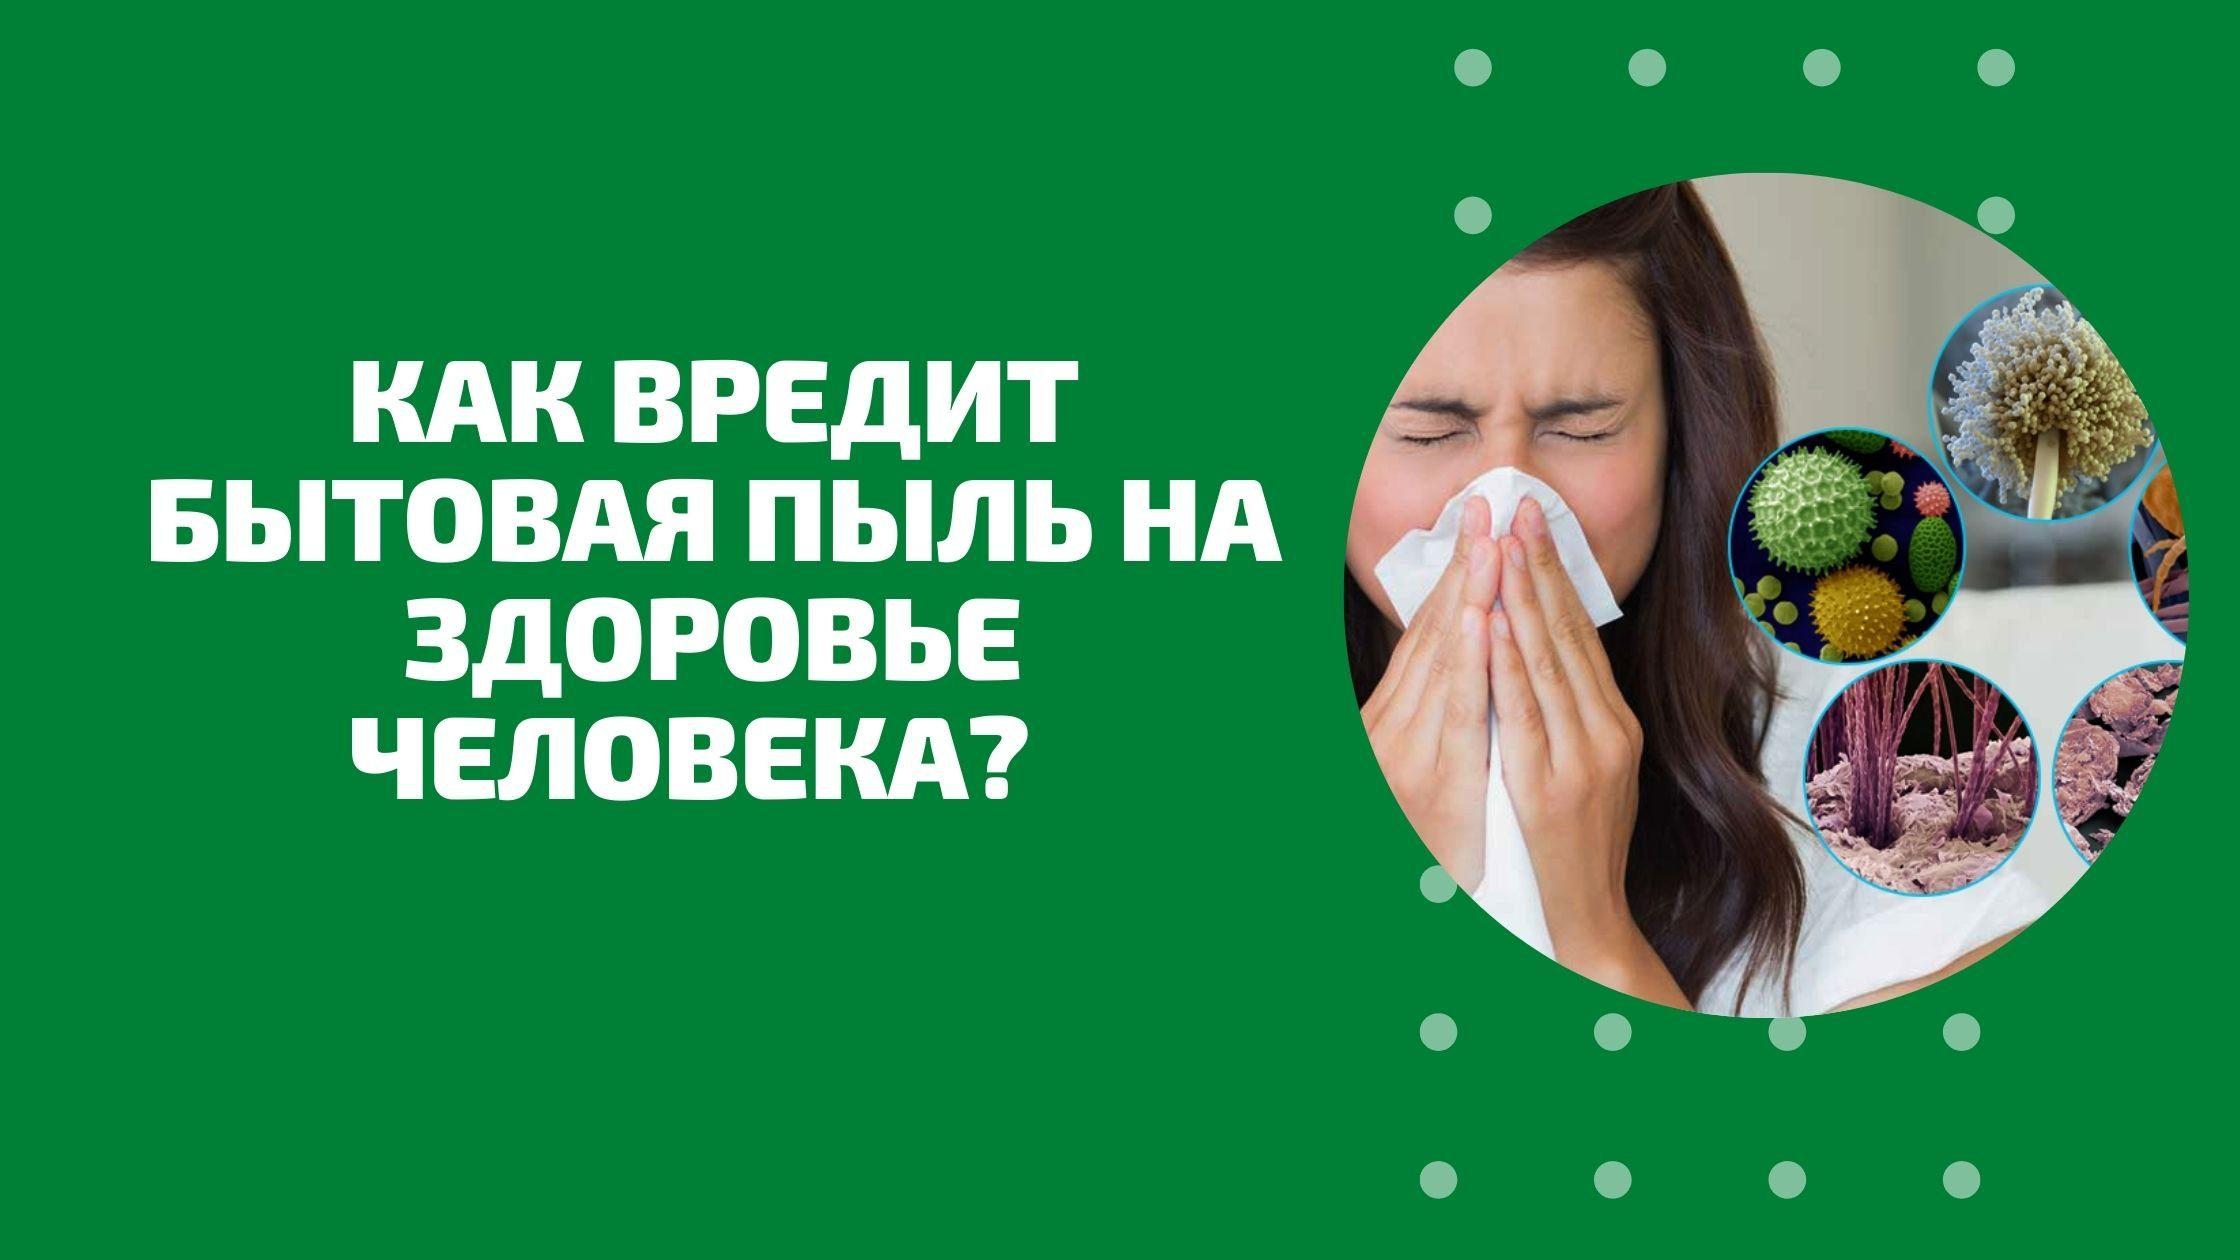 Как вредит бытовая пыль на здоровье человека